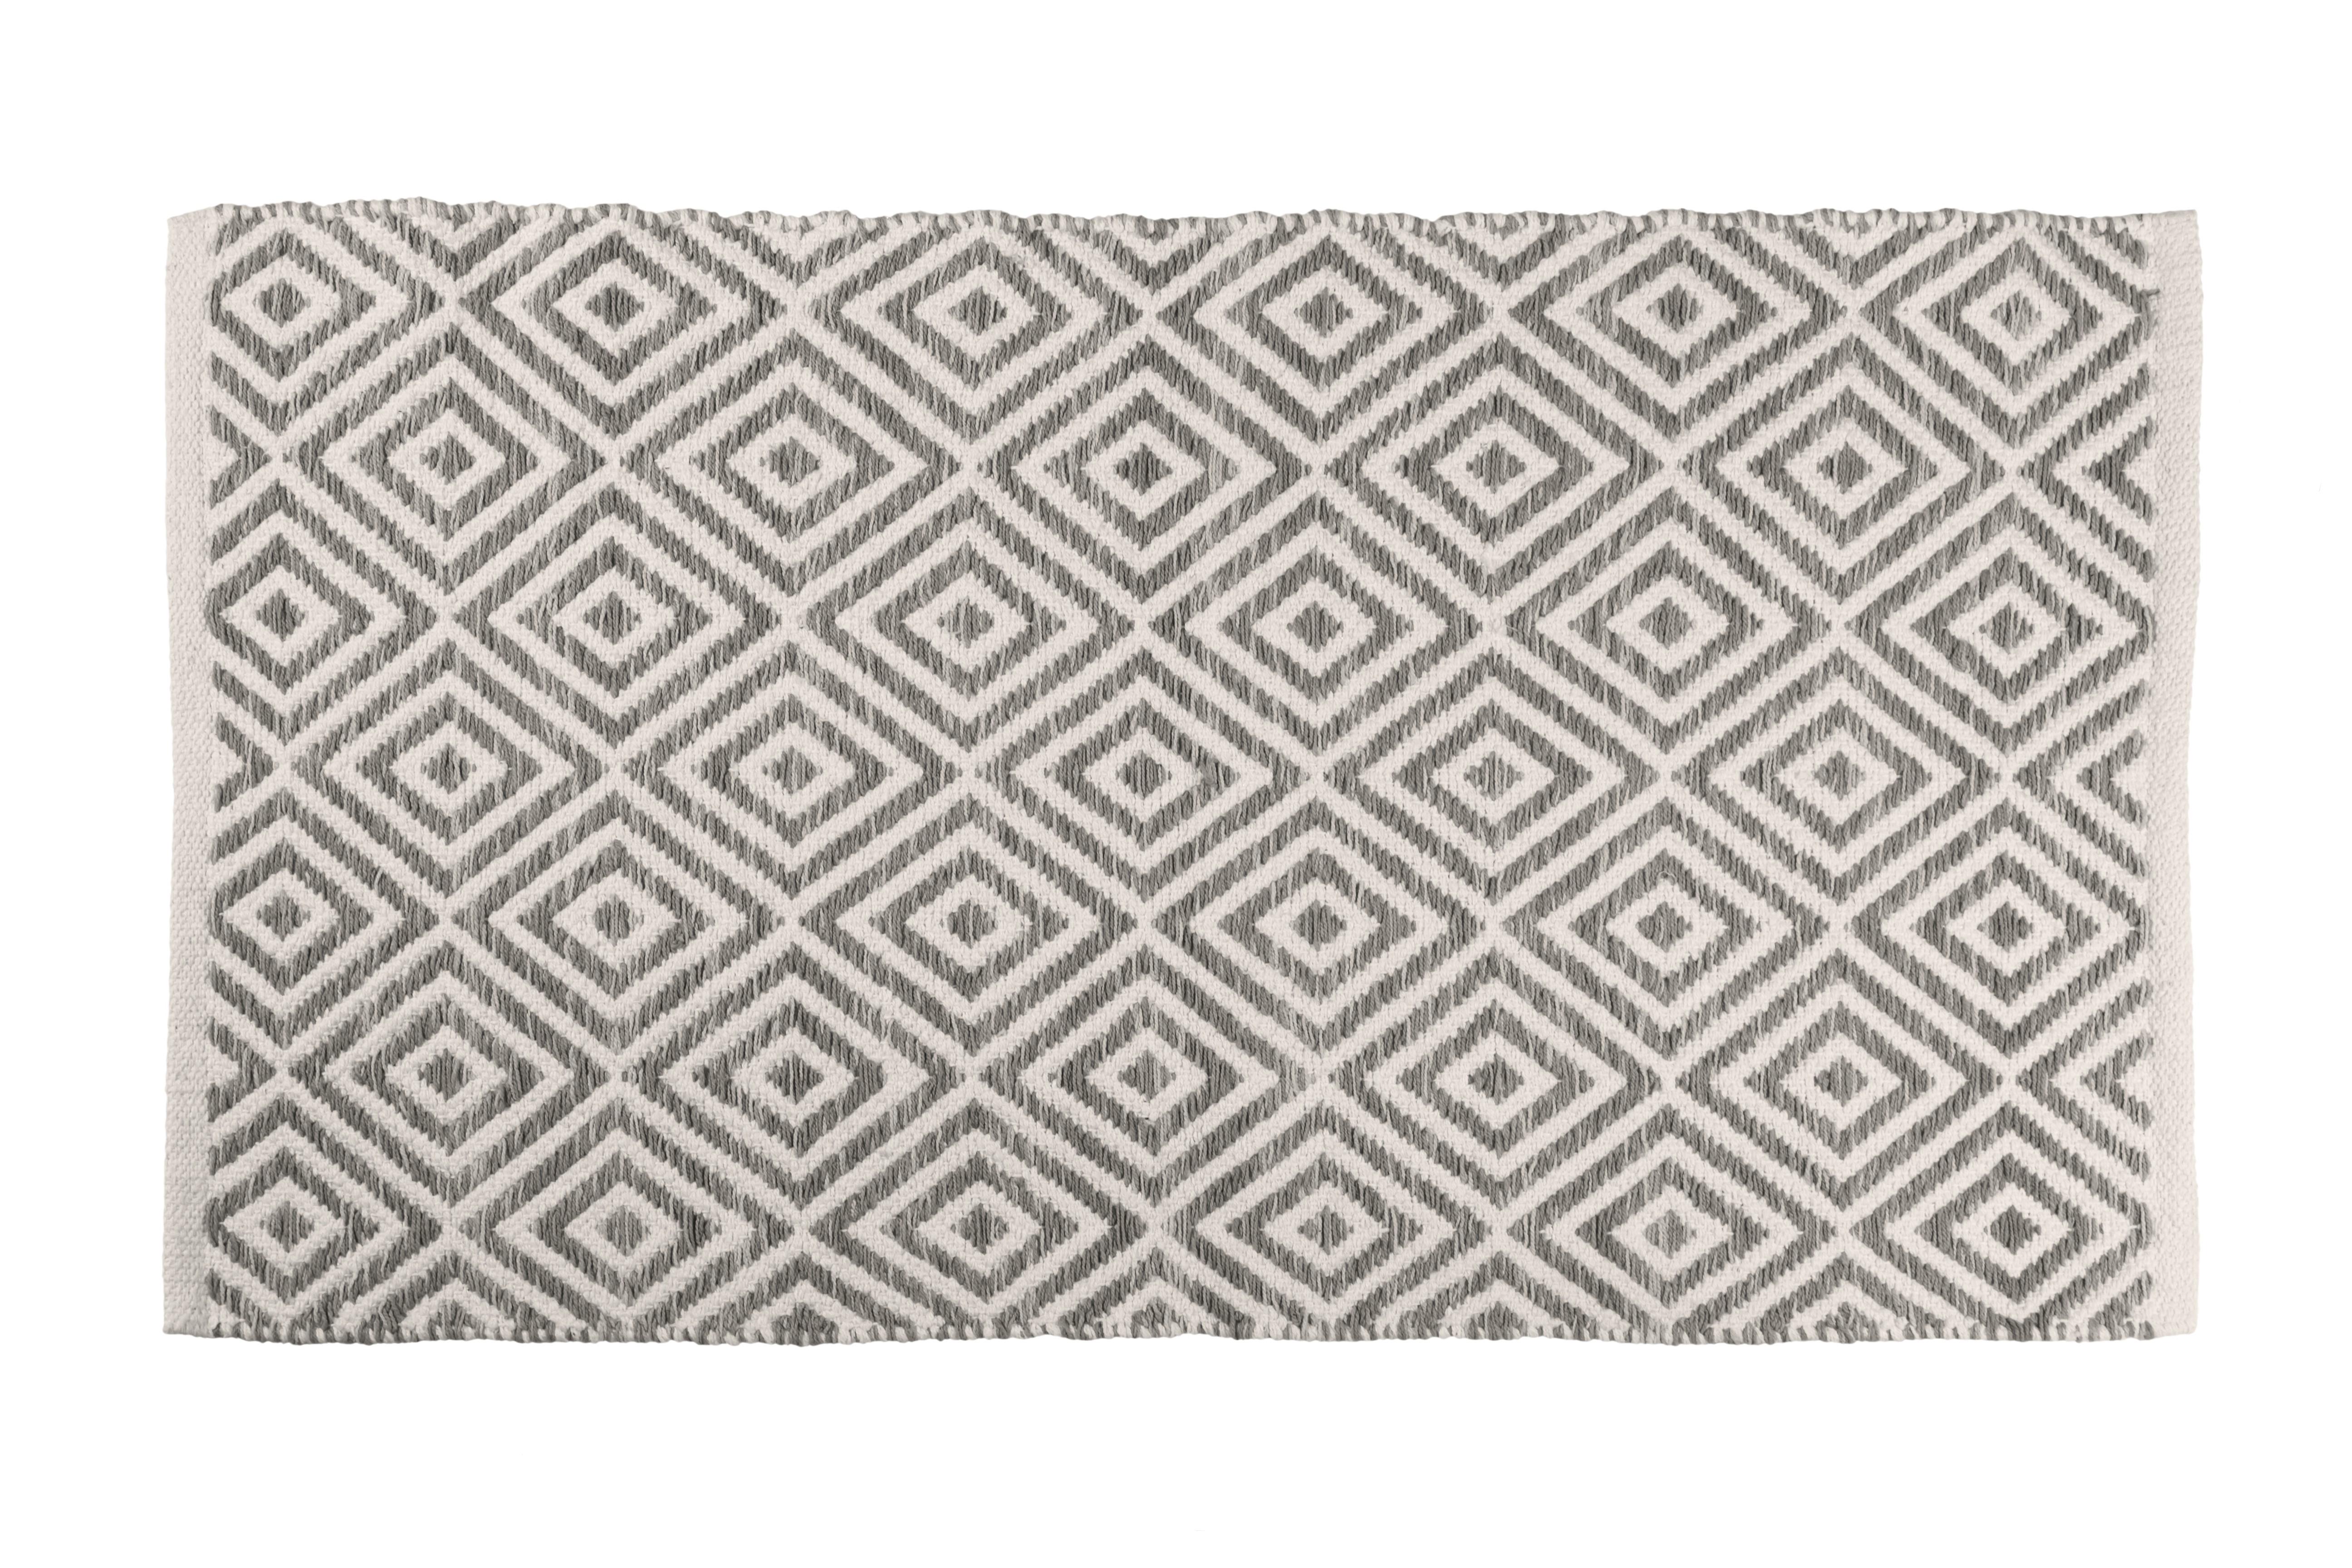 Πατάκι Μπάνιου Βαμβακερό Anthracite 50x80cm home   ειδη μπανιου   χαλιά